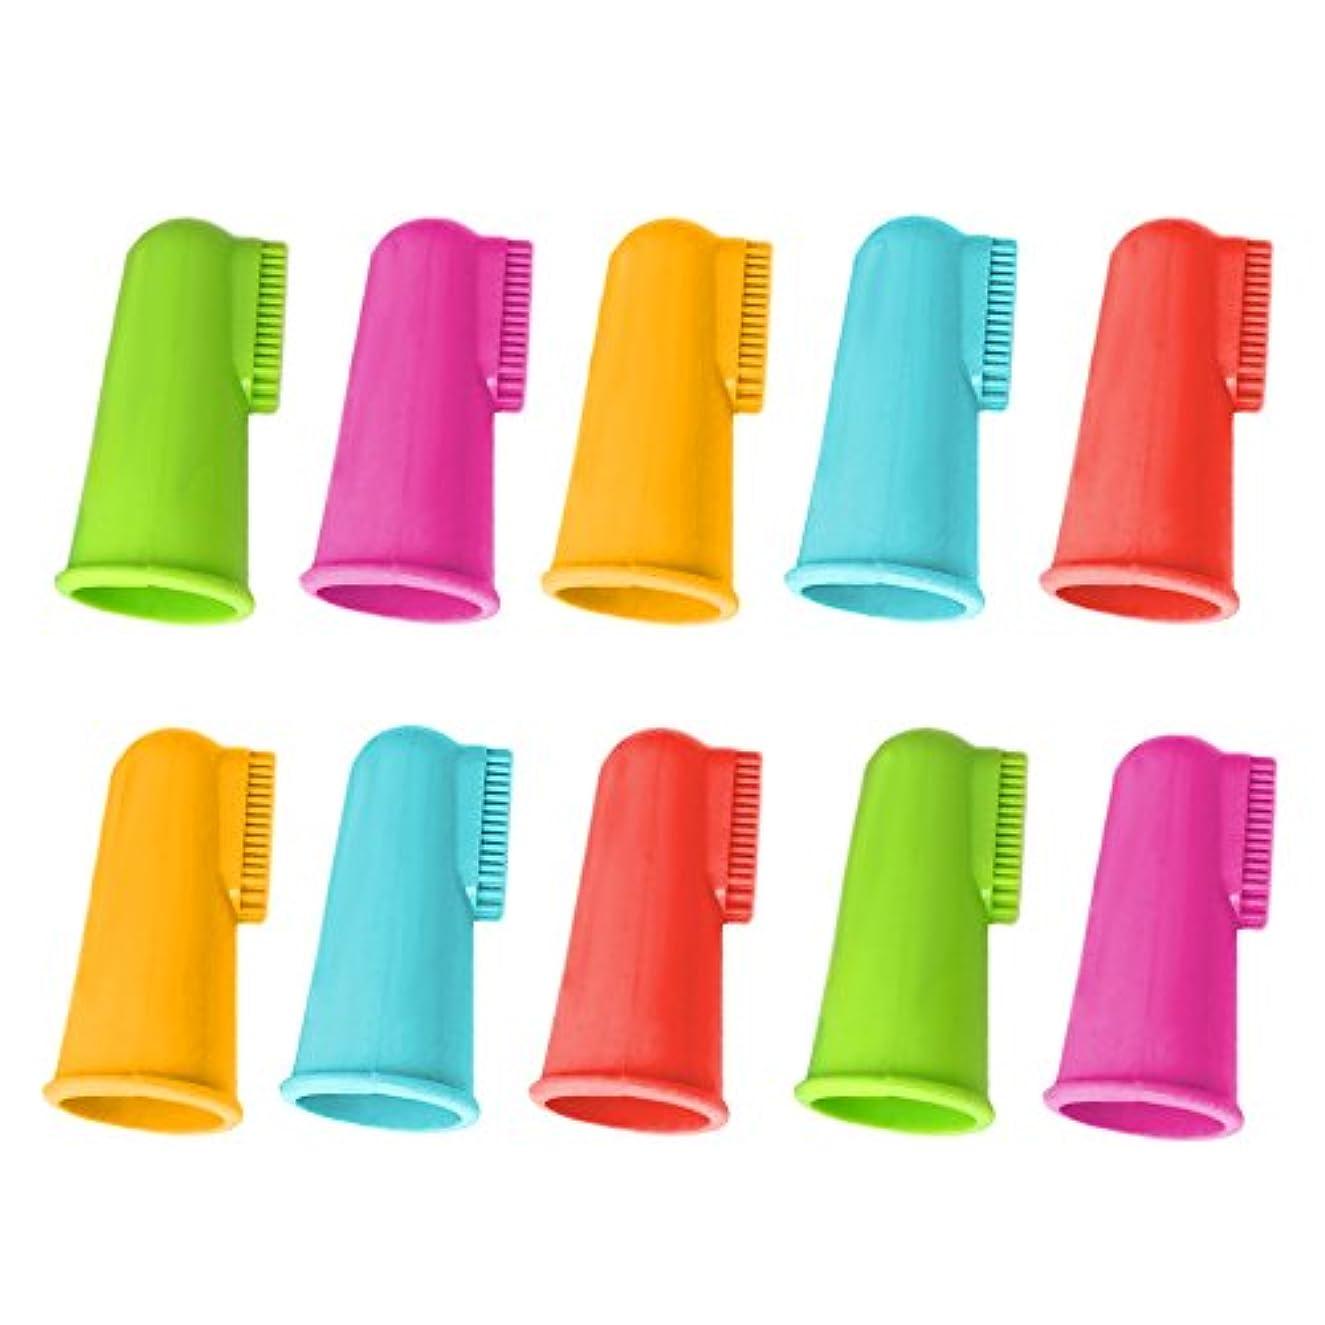 アスレチック前投薬どちらかゴシレ® [Gosear®] 10個の柔らかいシリコーンのペット指の歯ブラシの歯のクリーニングの歯ブラシの子犬猫の歯科心配のきれいなランダム色